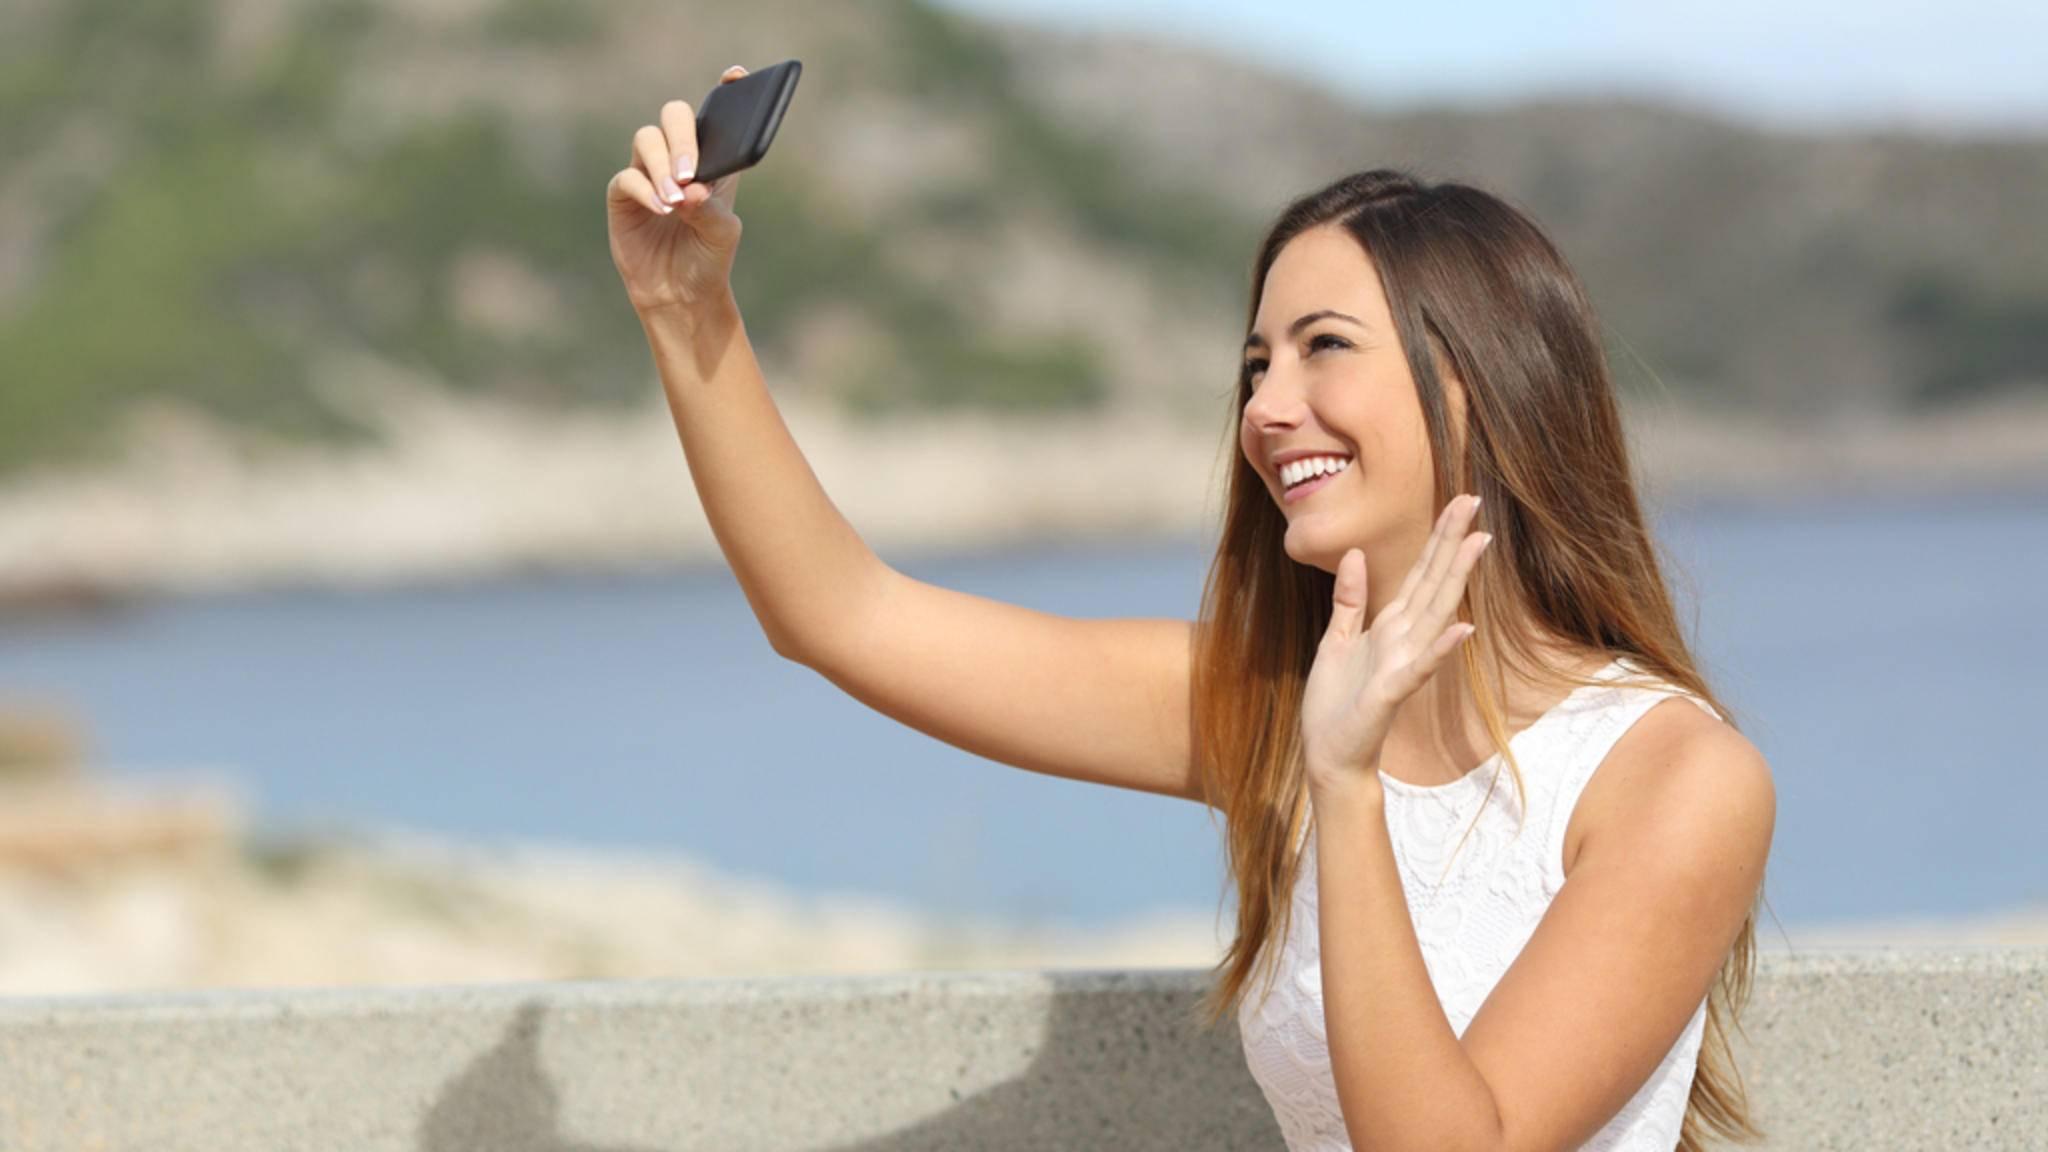 Per Video sollen sich die Mitglieder der Dating-App Hinge noch besser kennenlernen können.